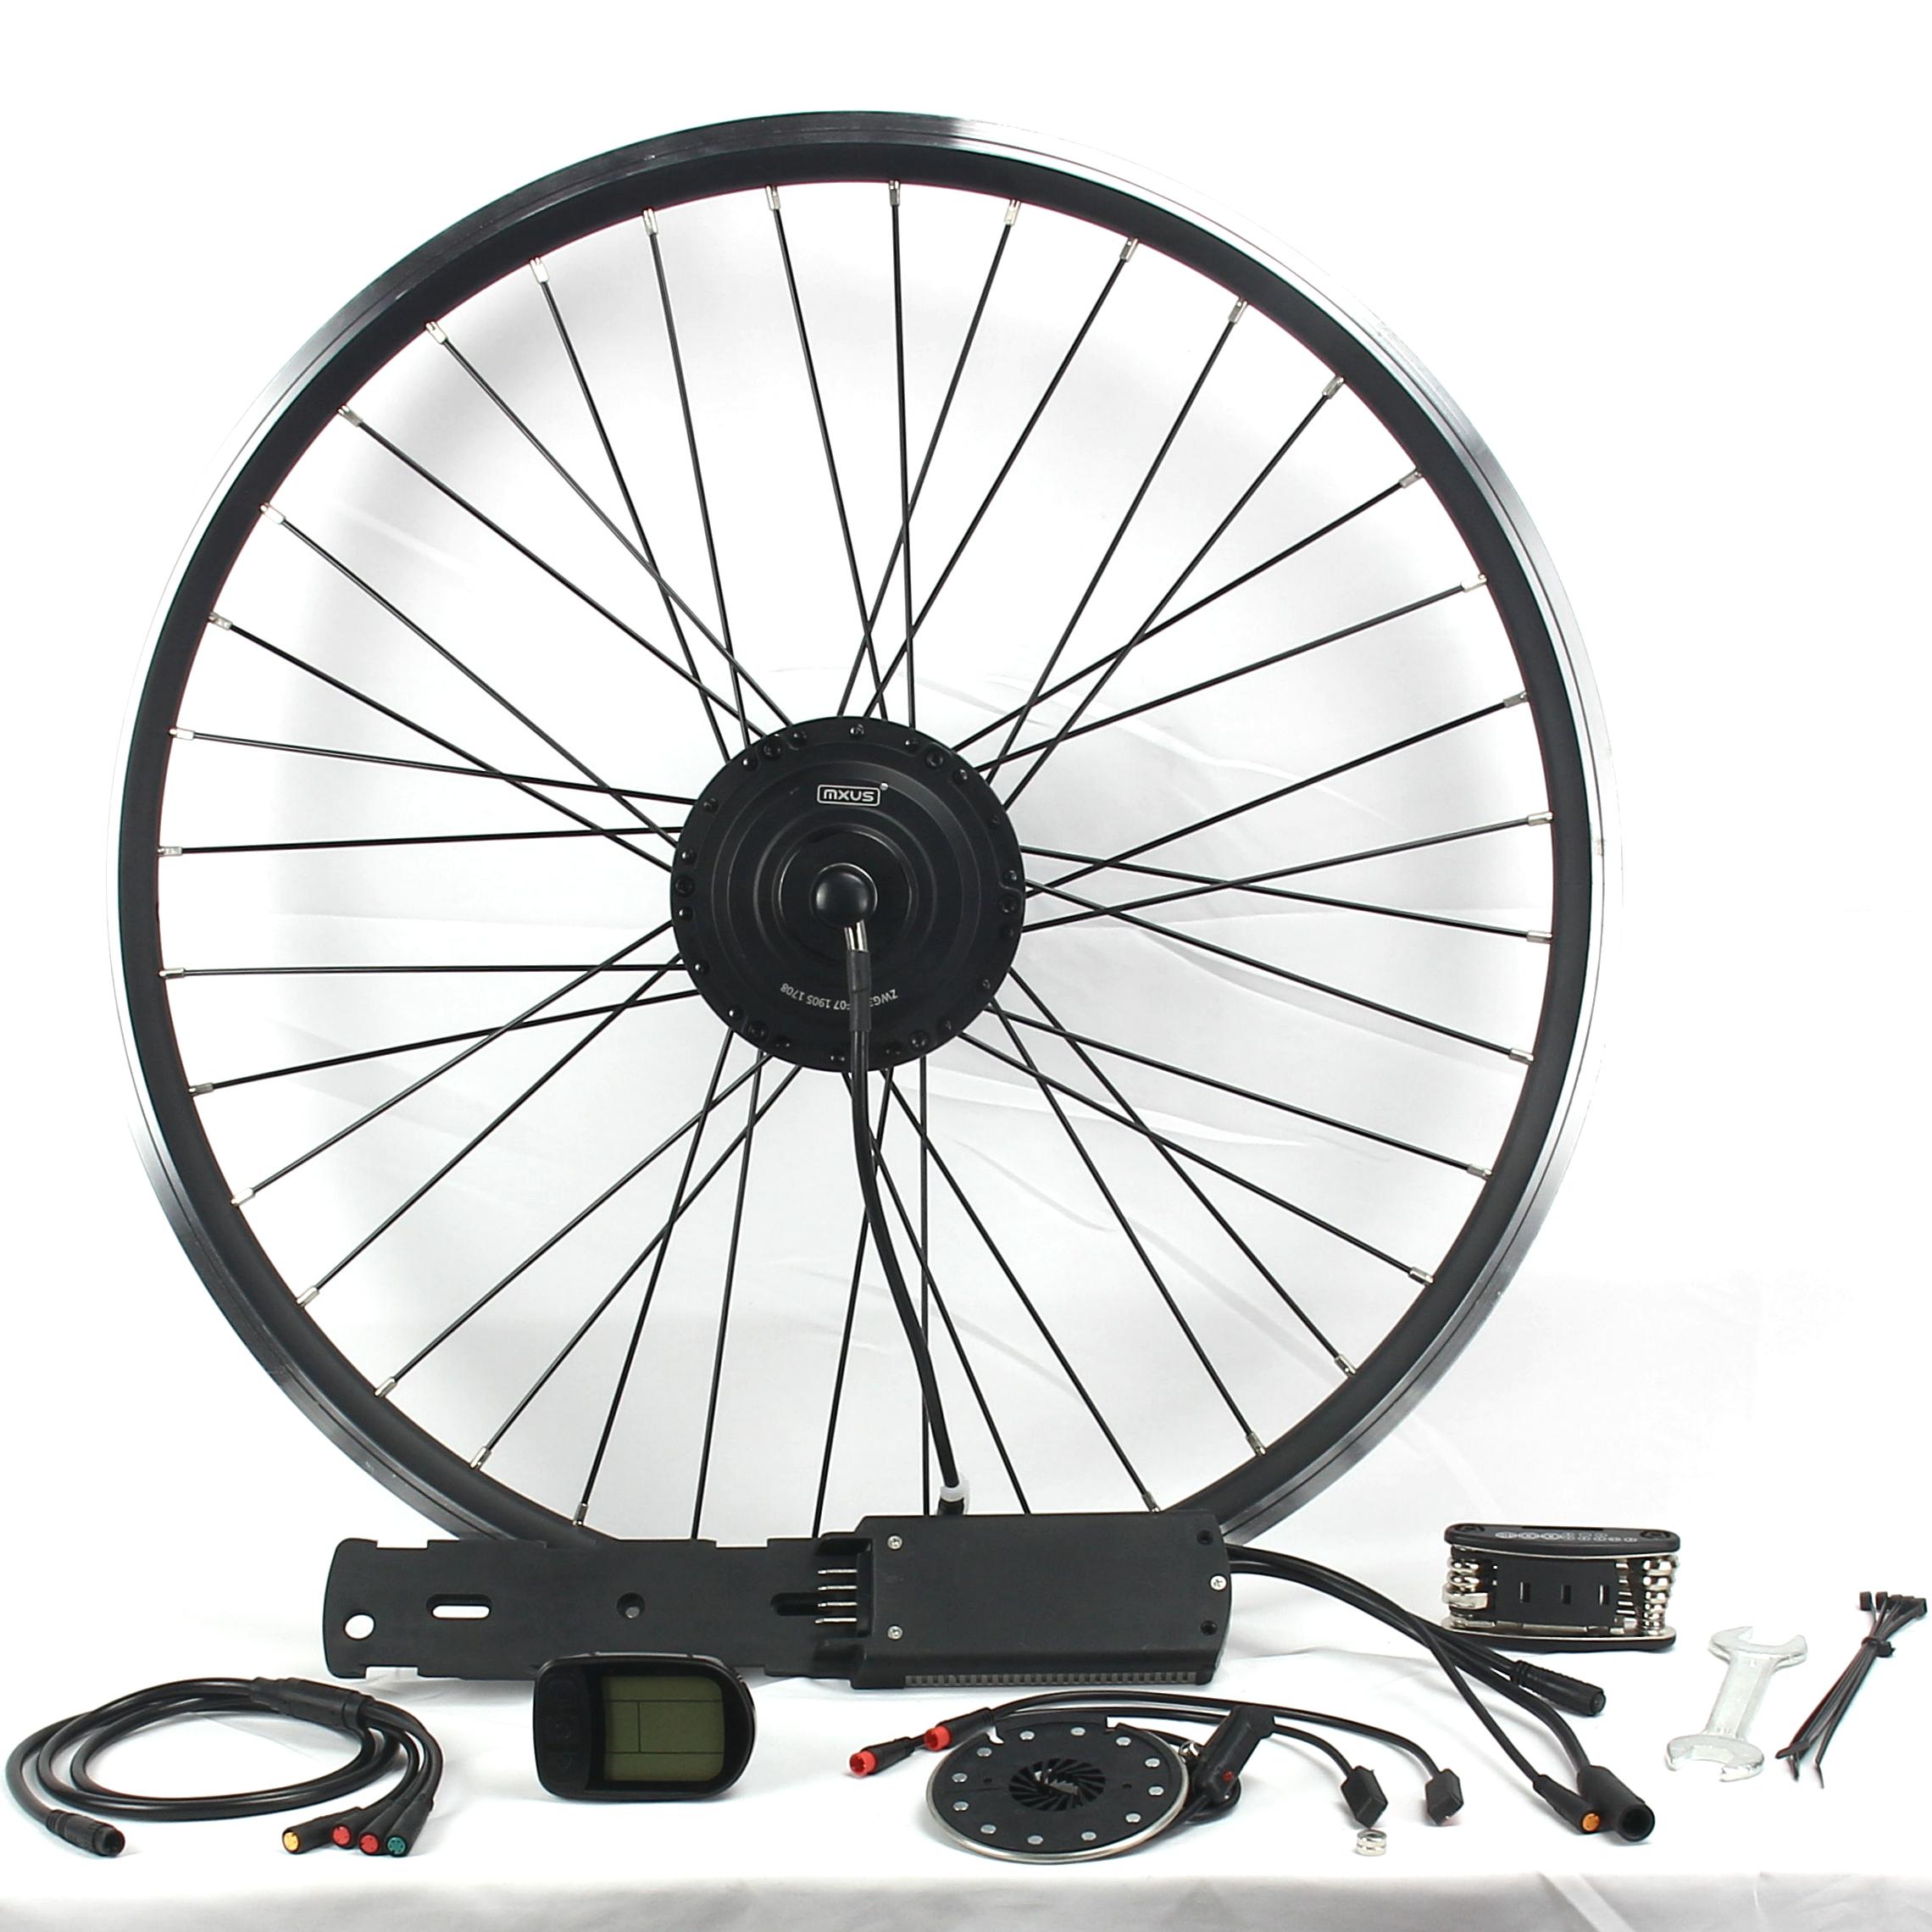 Профессиональный заводской комплект для преобразования электродвигателя велосипеда, сделано в Китае, низкая цена